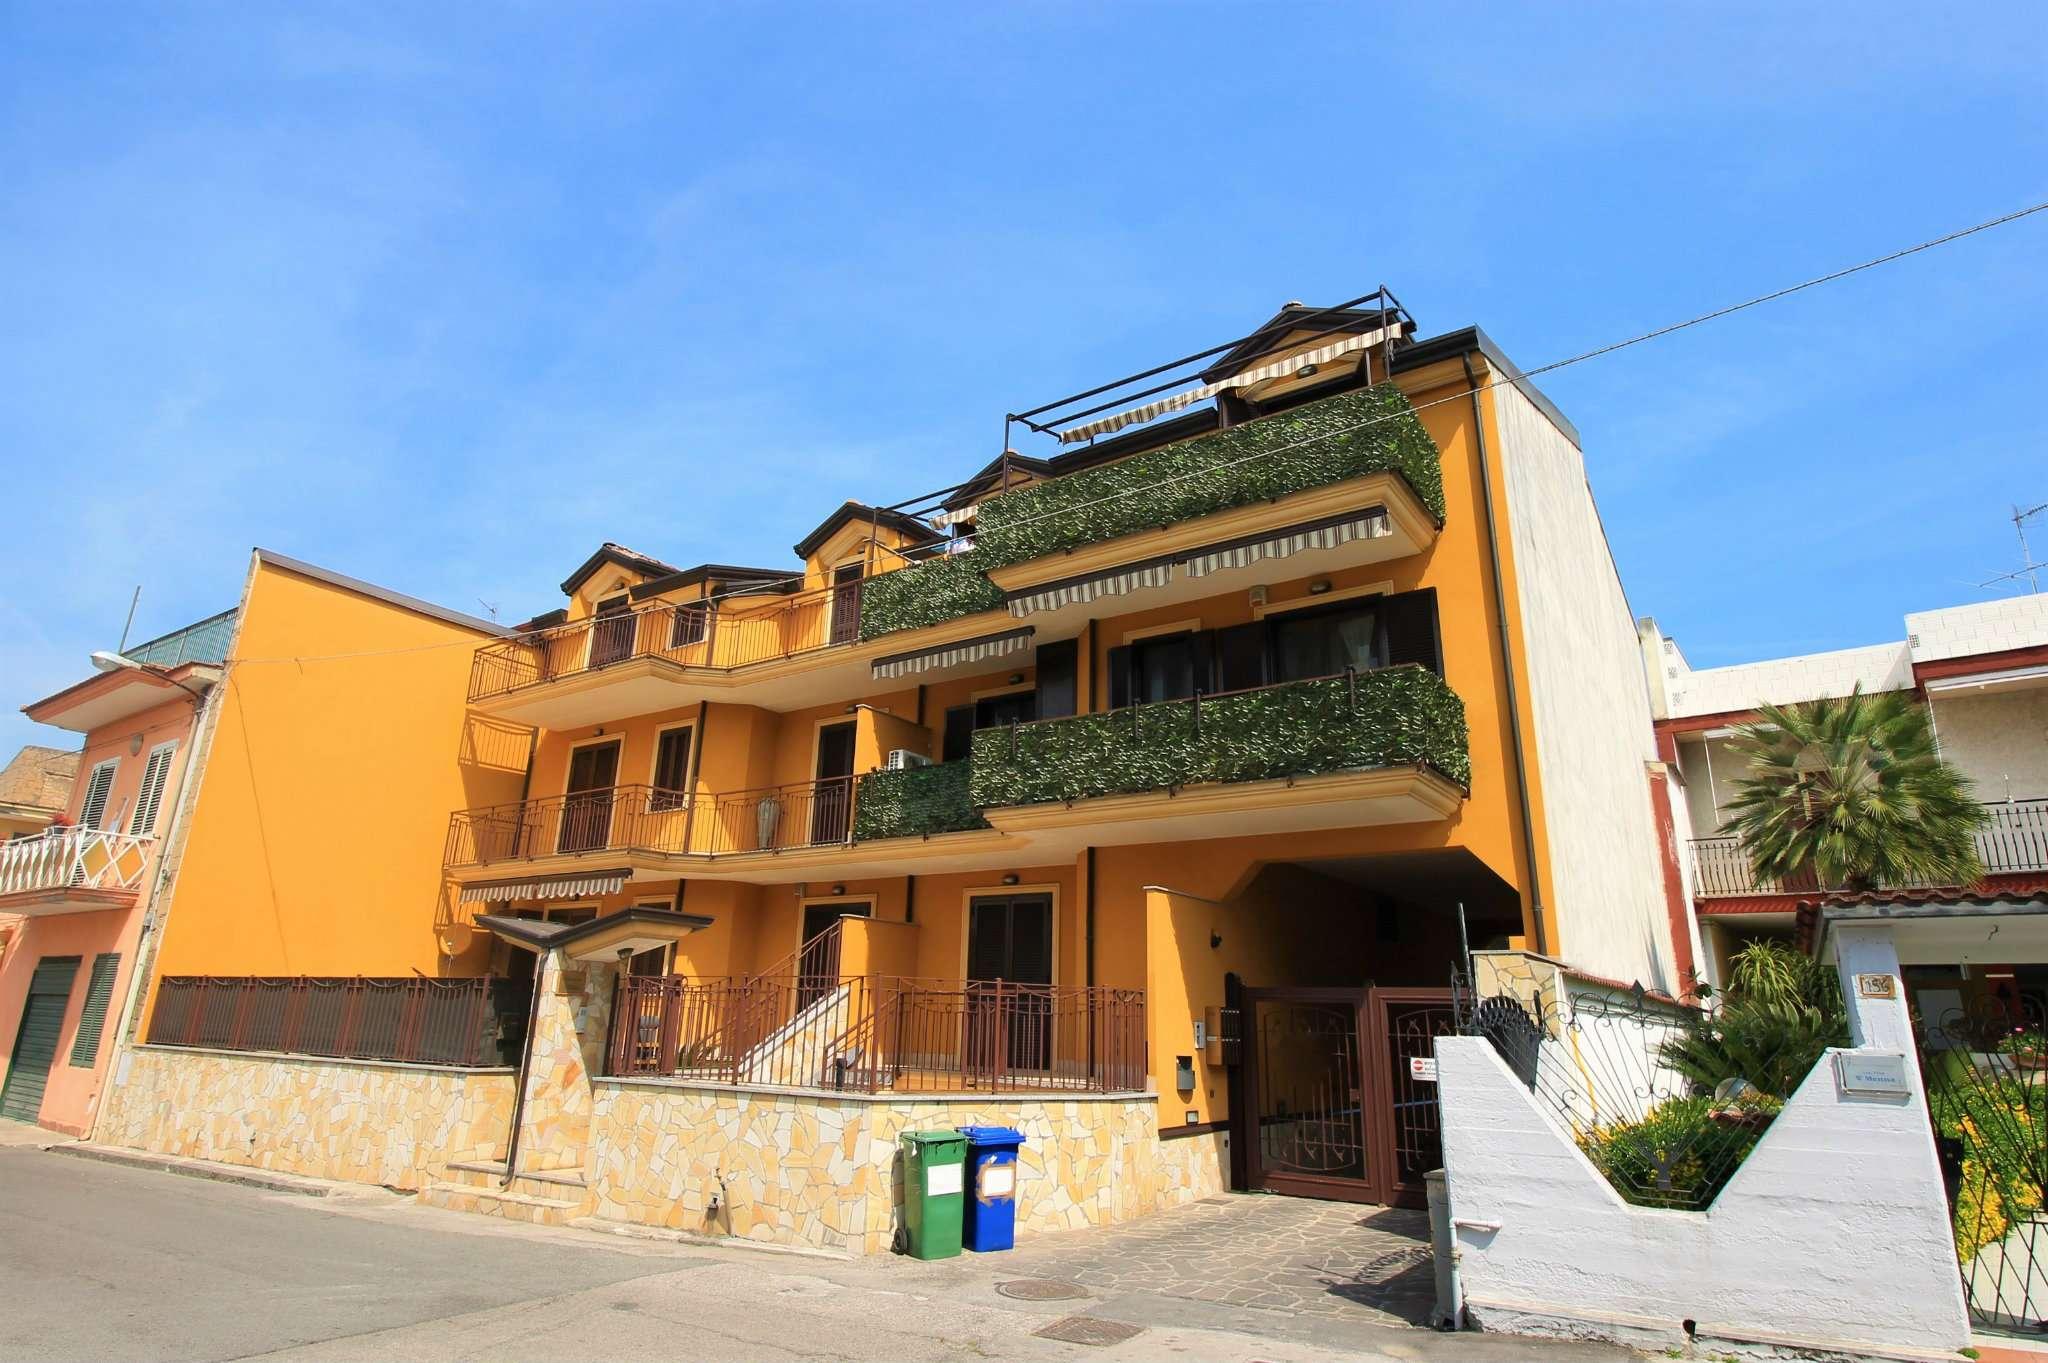 Appartamento in vendita a San Vitaliano, 3 locali, prezzo € 178.000 | Cambio Casa.it